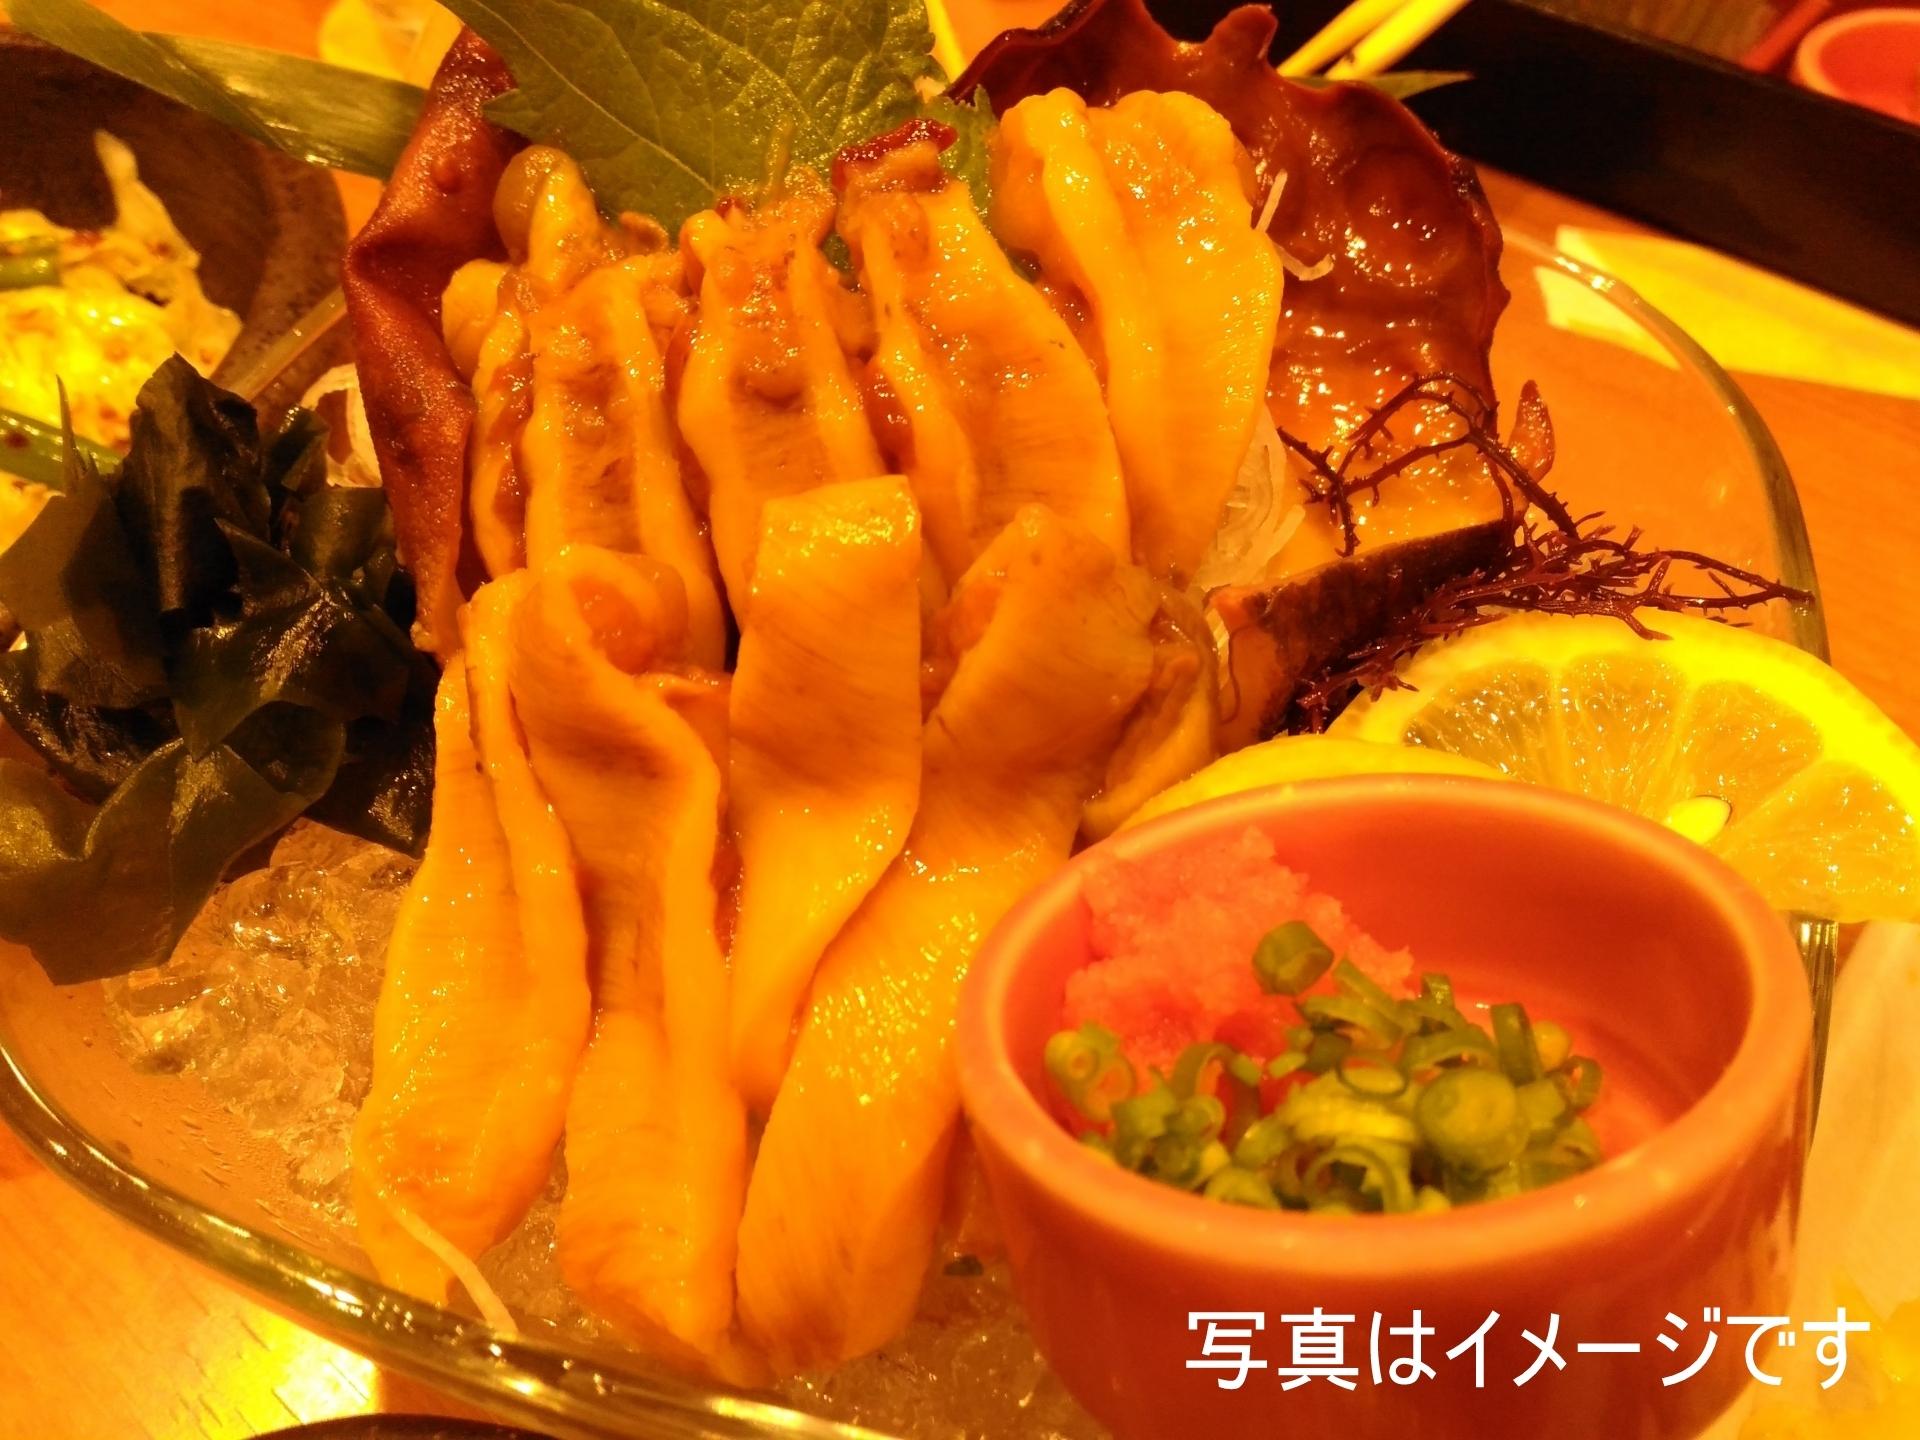 【漁師さん応援プロジェクト】427 冷凍 朝獲れホヤのむき身 固形150g入 432円(税込)